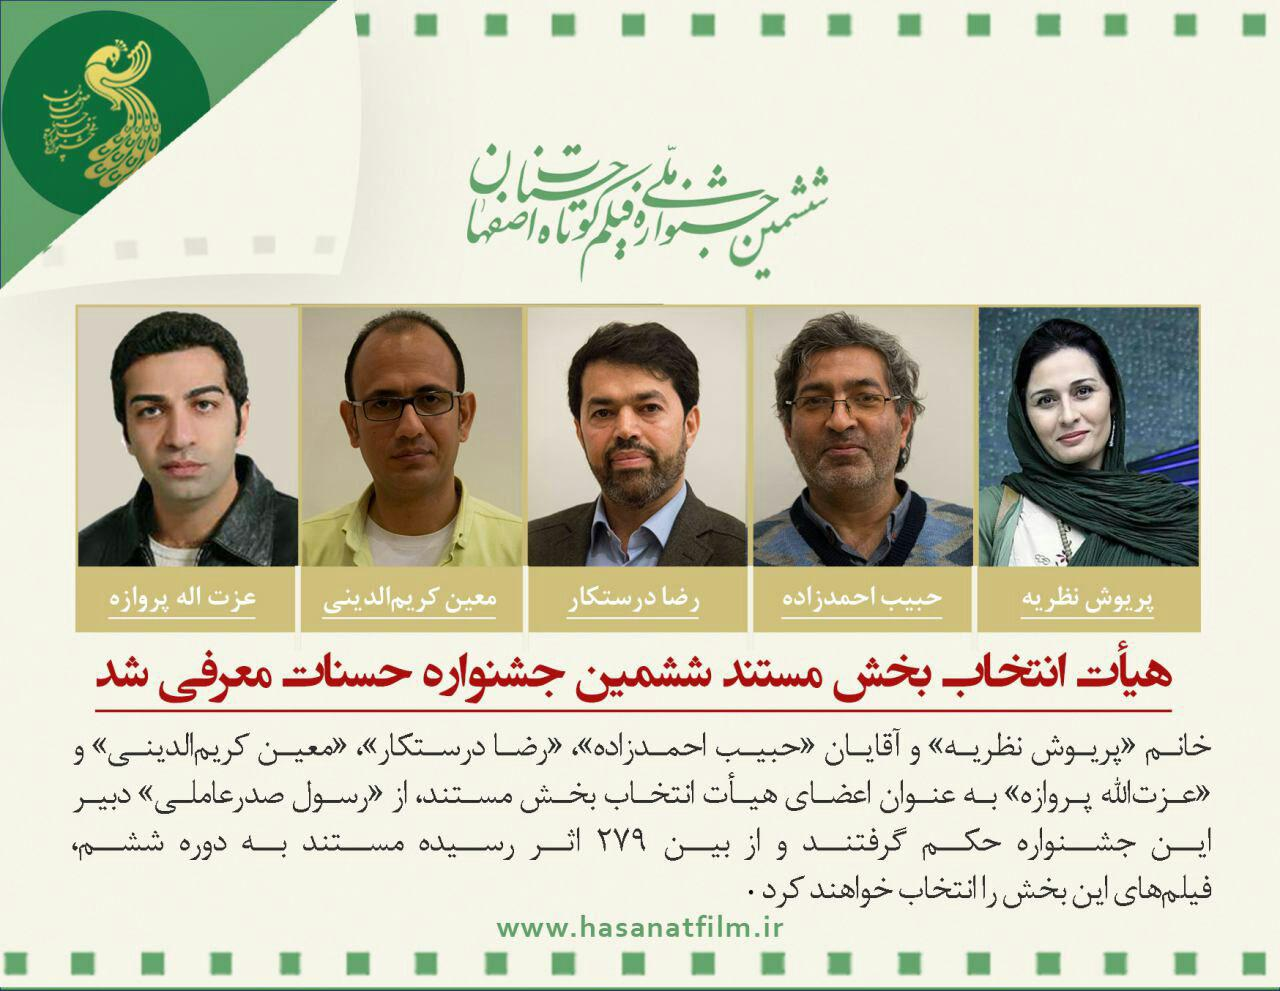 هیأت انتخاب بخش مستند ششمین جشنواره حسنات معرفی شد